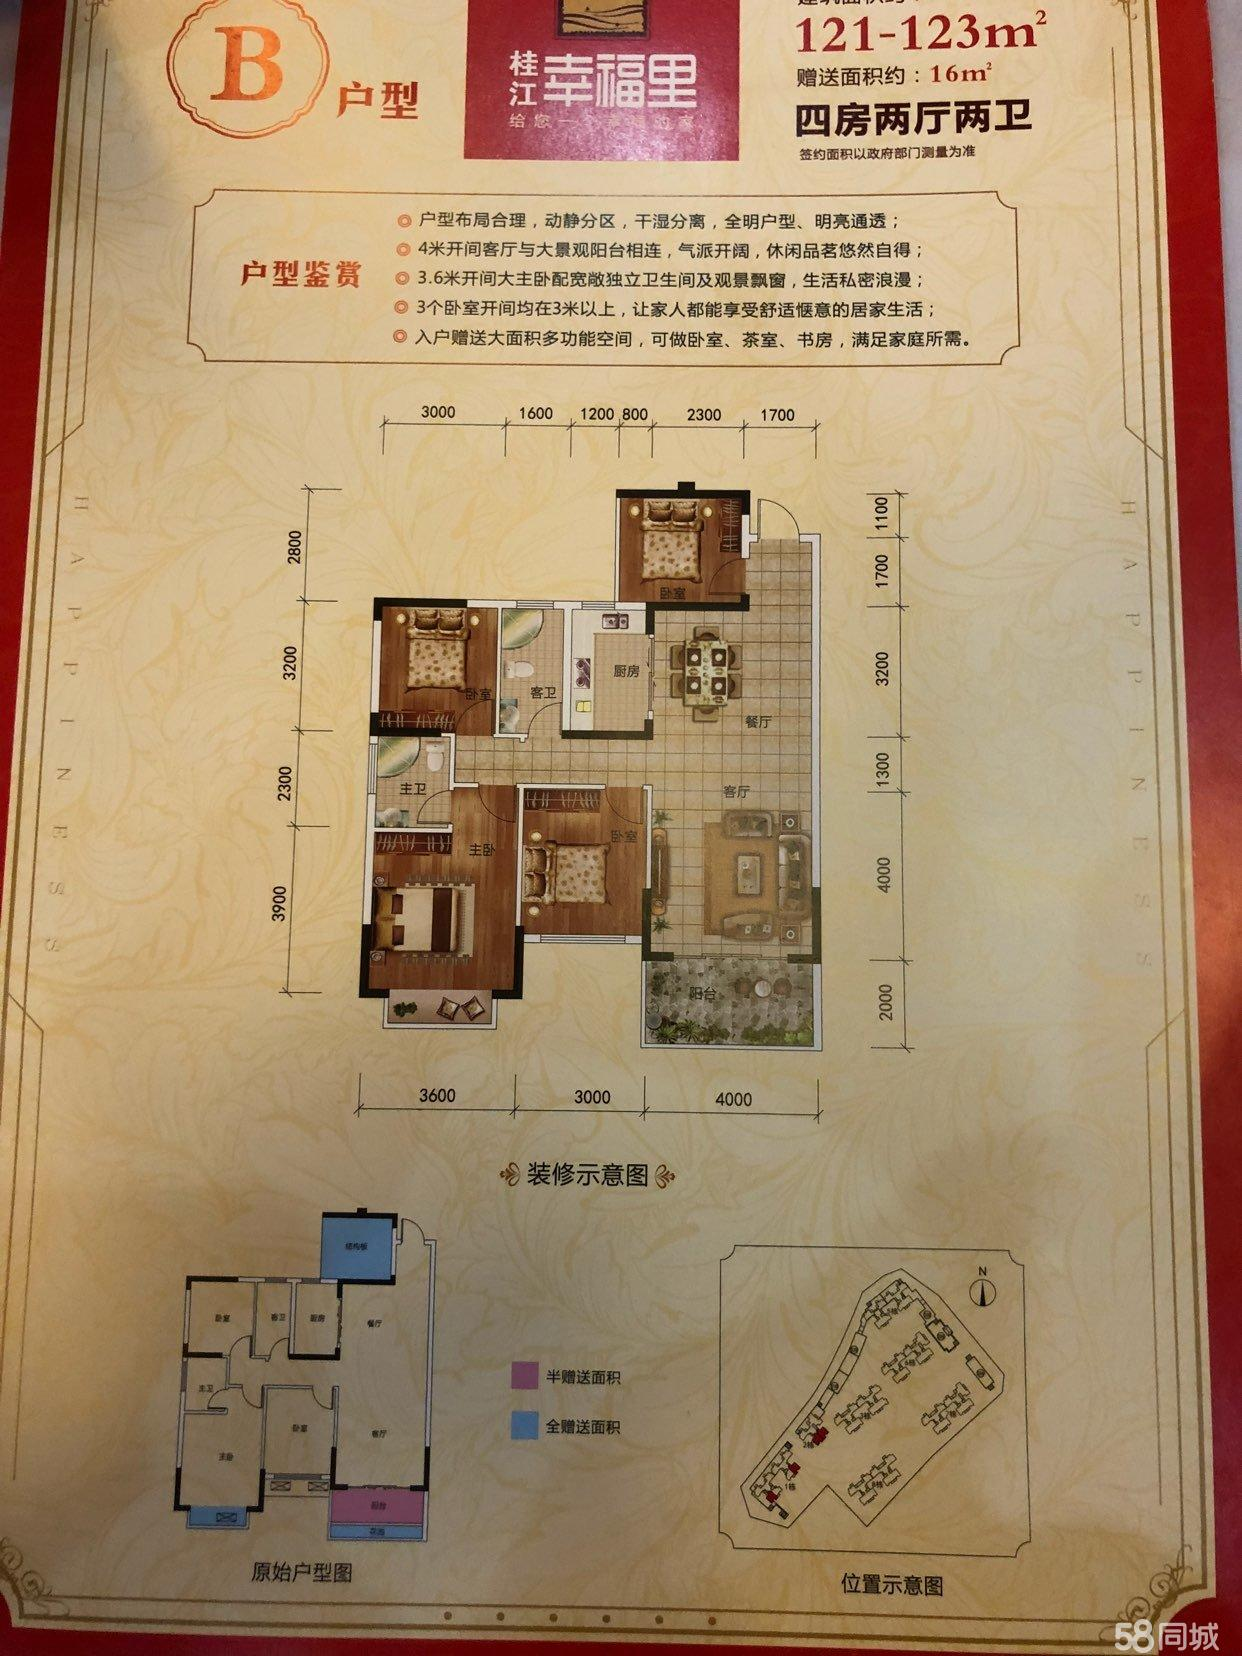 品牌开开发商幸福里进驻昭平,皇家园林设计,高端社区,人车